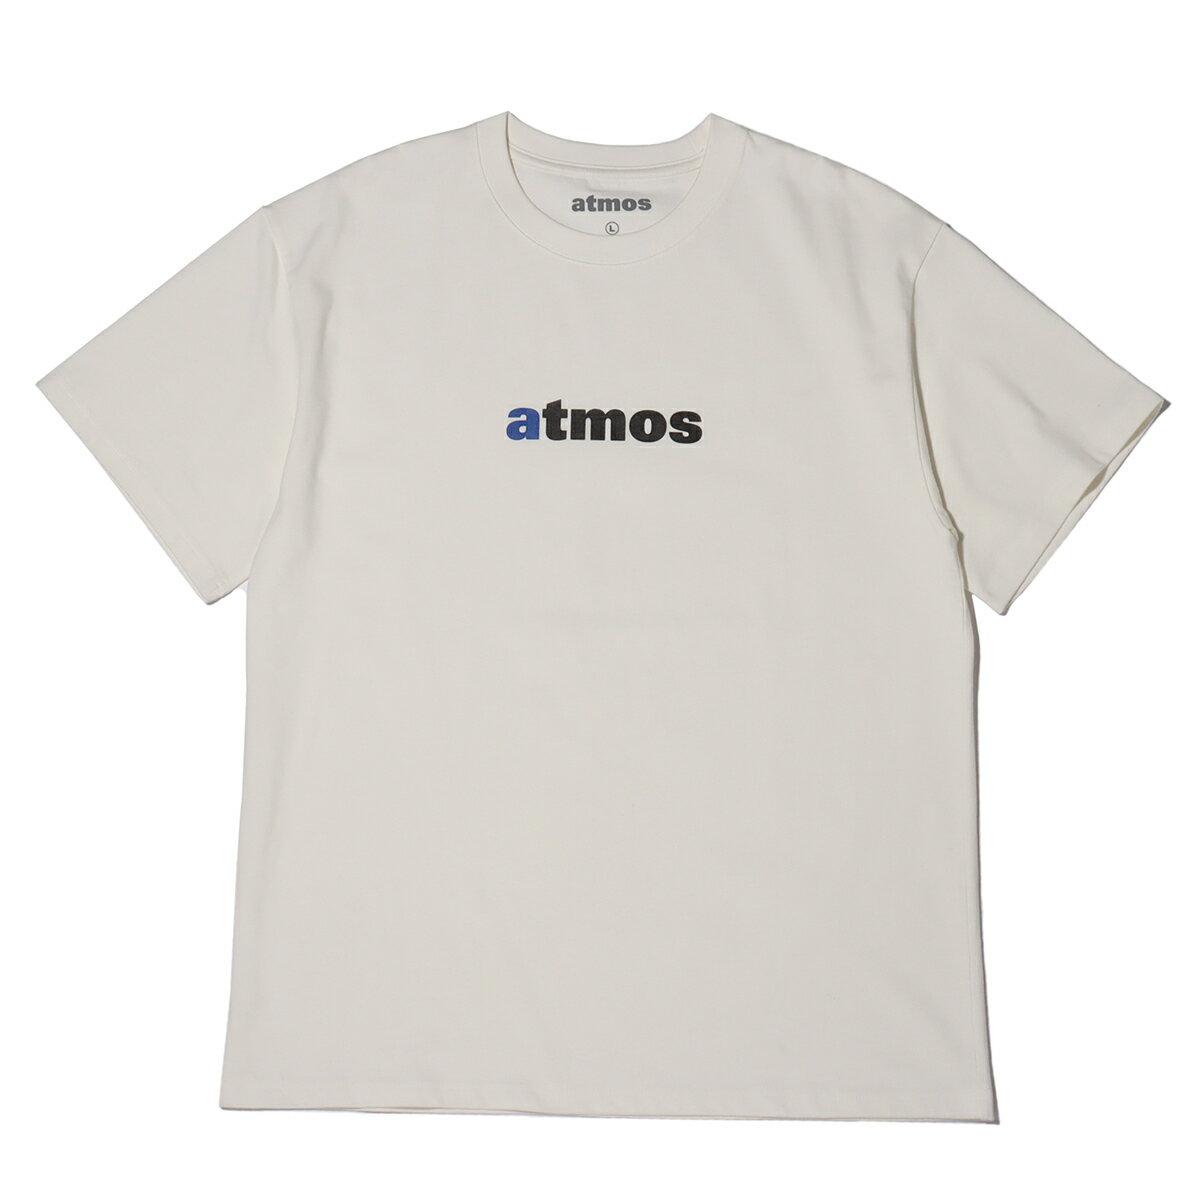 トップス, Tシャツ・カットソー atmos LOGO TEE( )WHITE T20FA-I